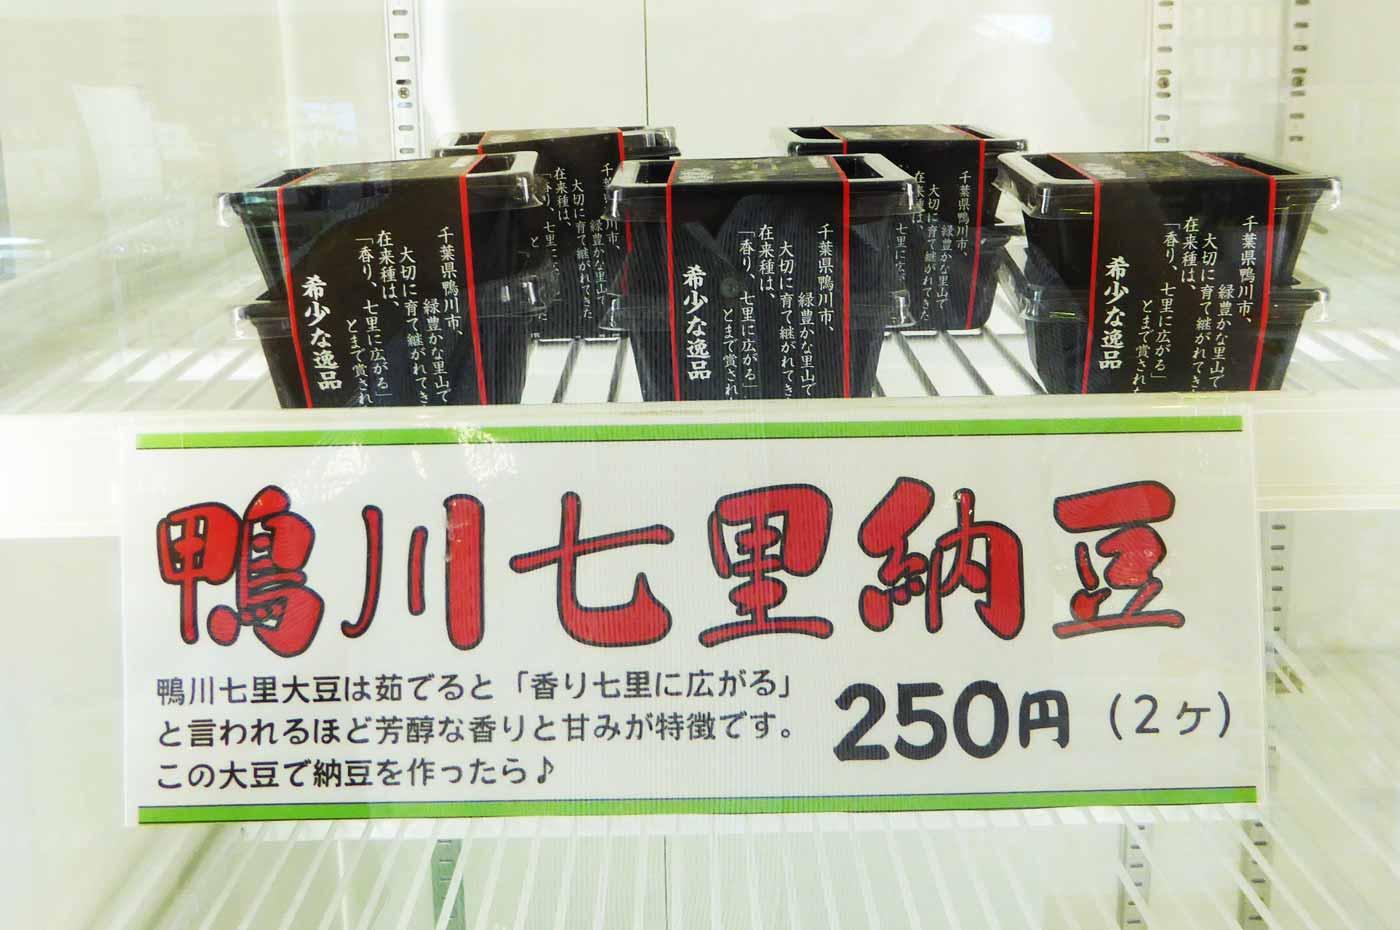 鴨川七里納豆の写真